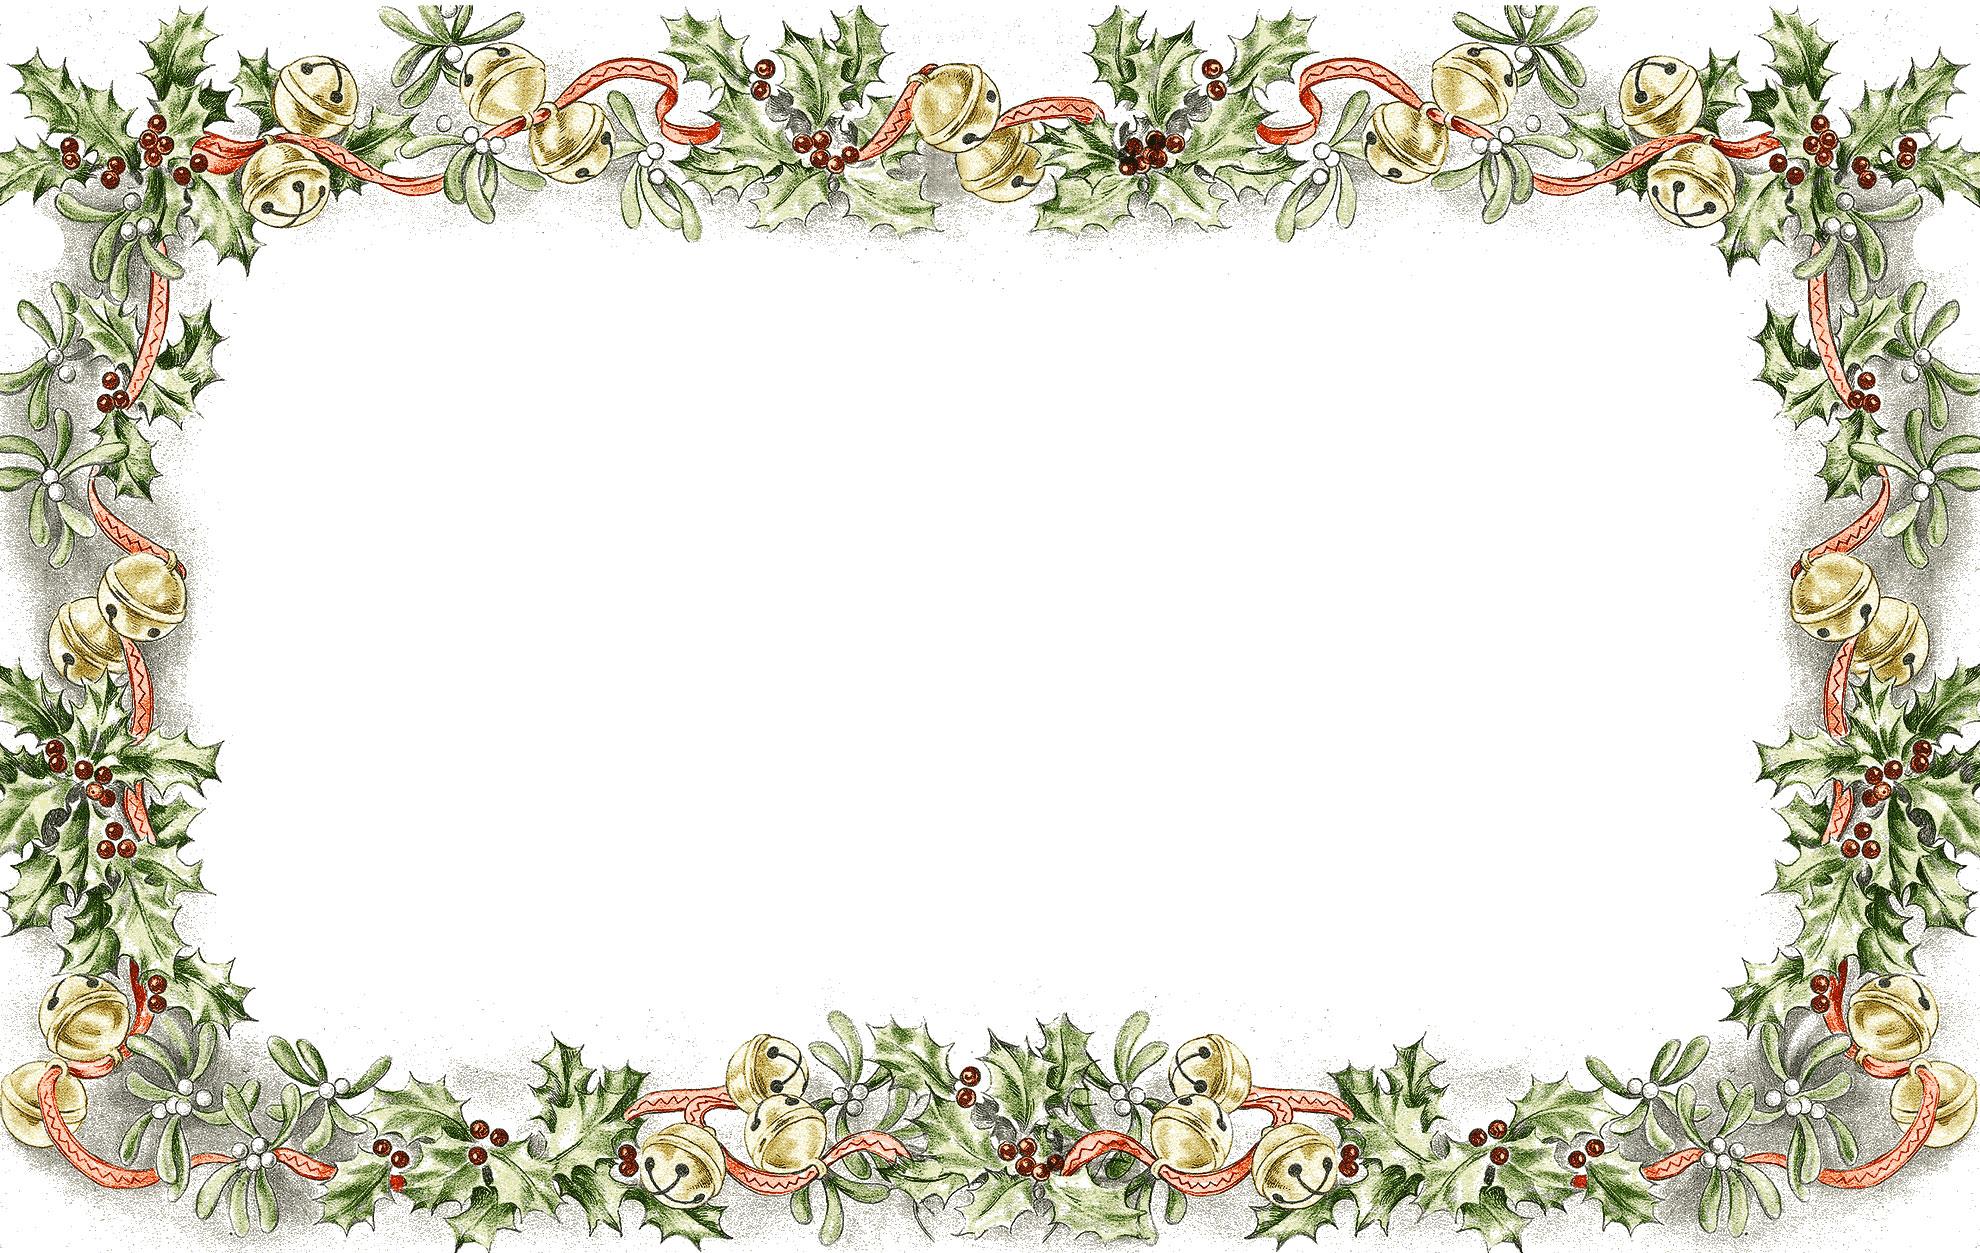 無料のフリー素材 フレーム枠タイトルクリスマスリース